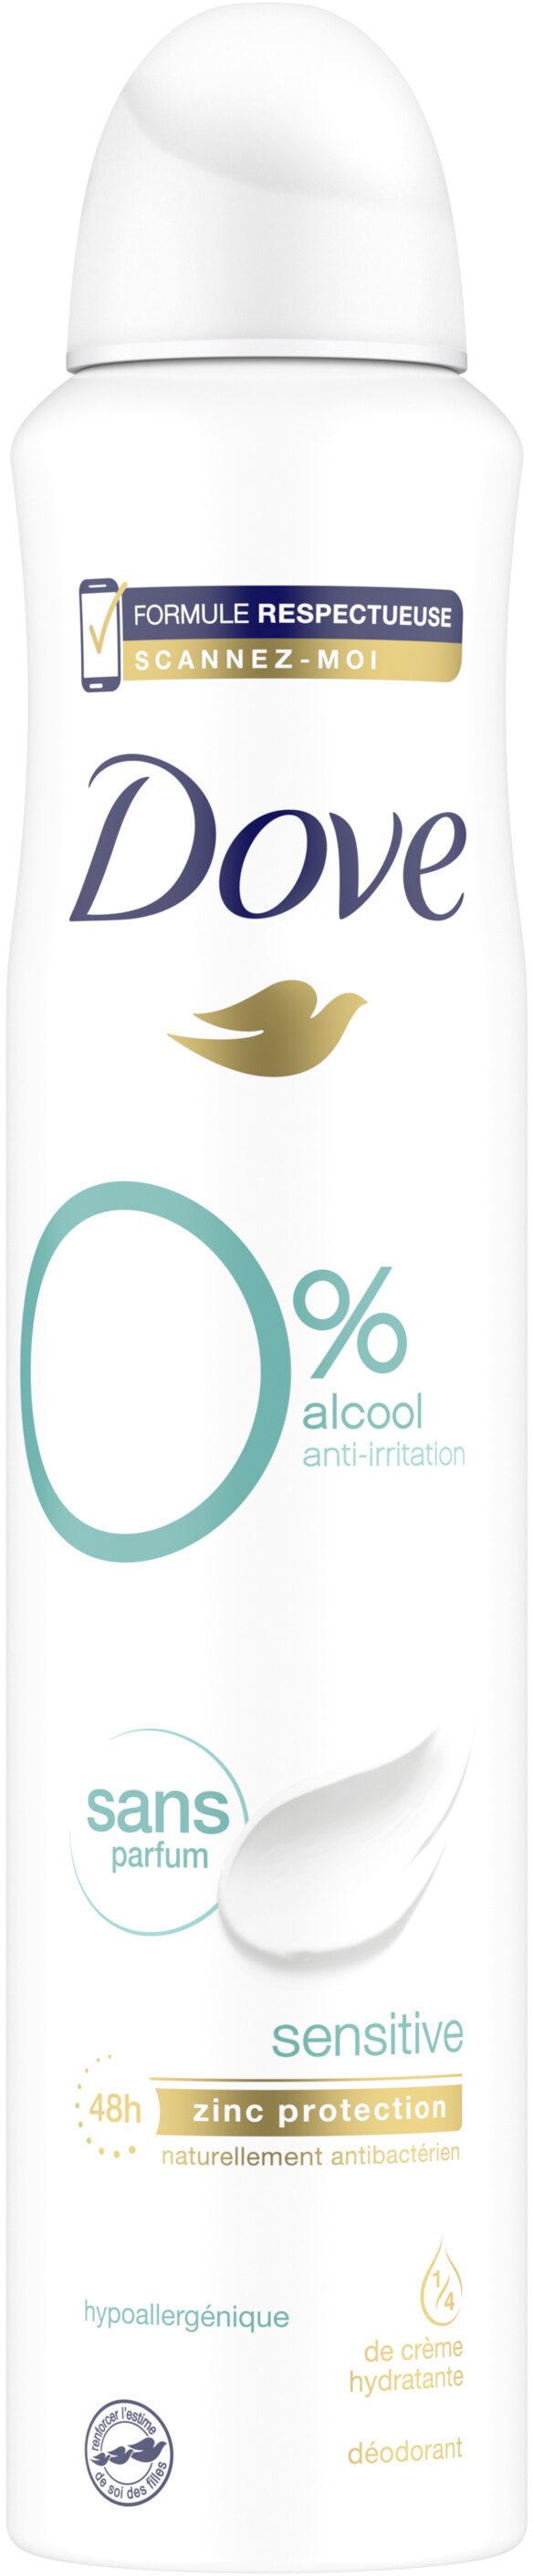 DOVE Déodorant Femme Spray Sensitive 0% Sans Parfum - Product - fr